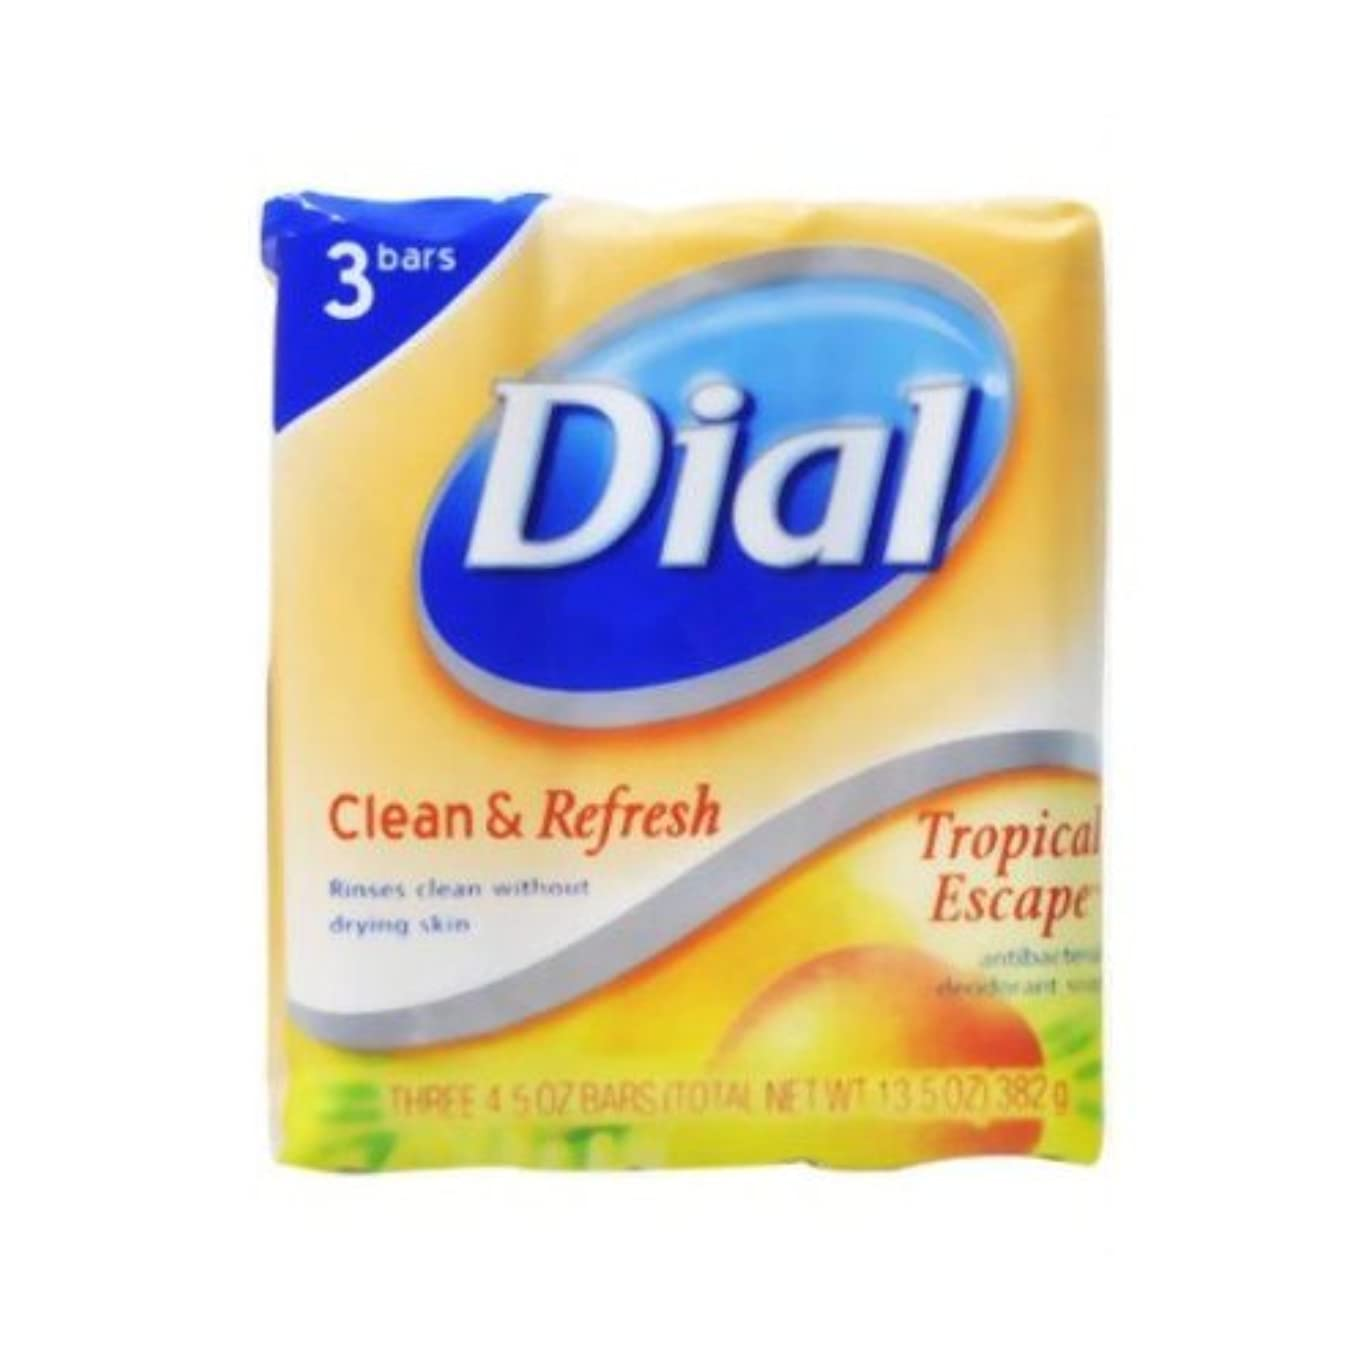 勘違いするストッキングスカート【DIAL】ダイアル デオドラント石鹸 トロピカルエスケープ 3個パック